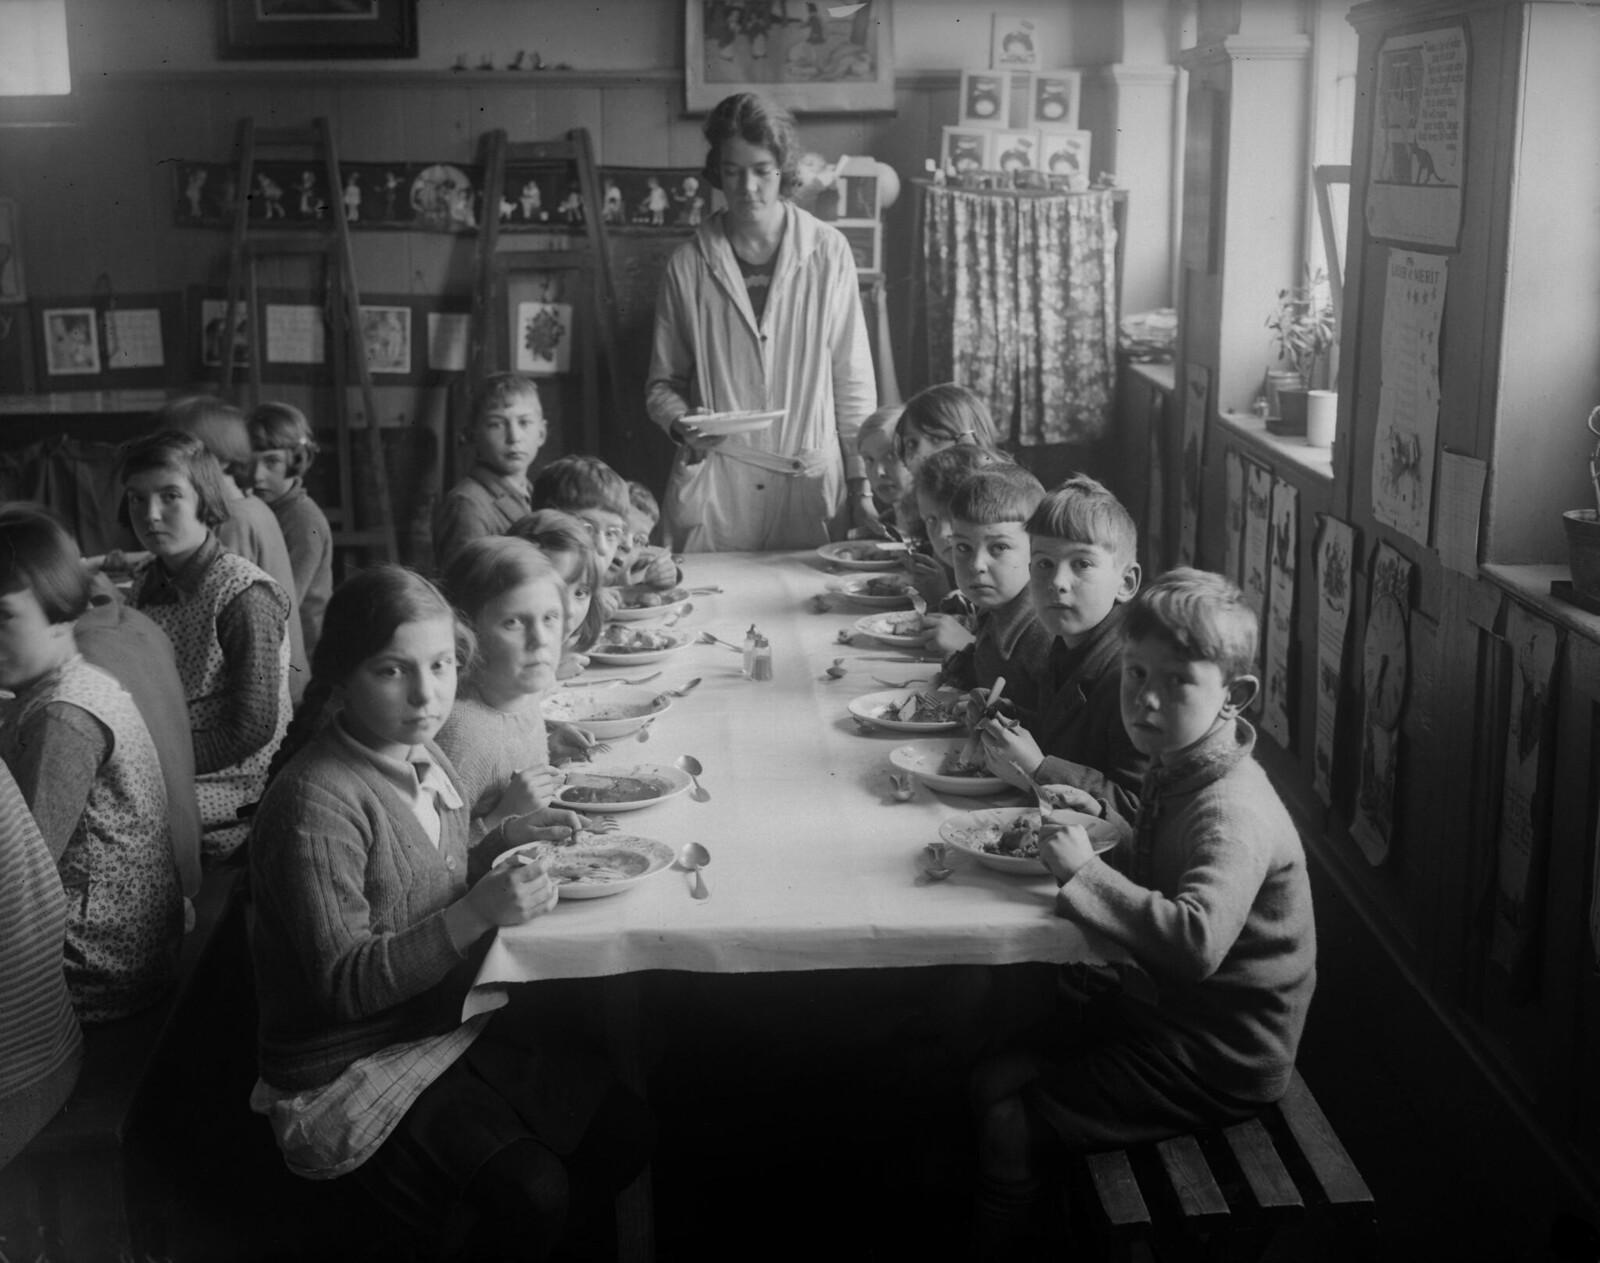 1931. Школьники за обеденным столом в Боксгроув близ Гудвуда, Сассекс. 7 января